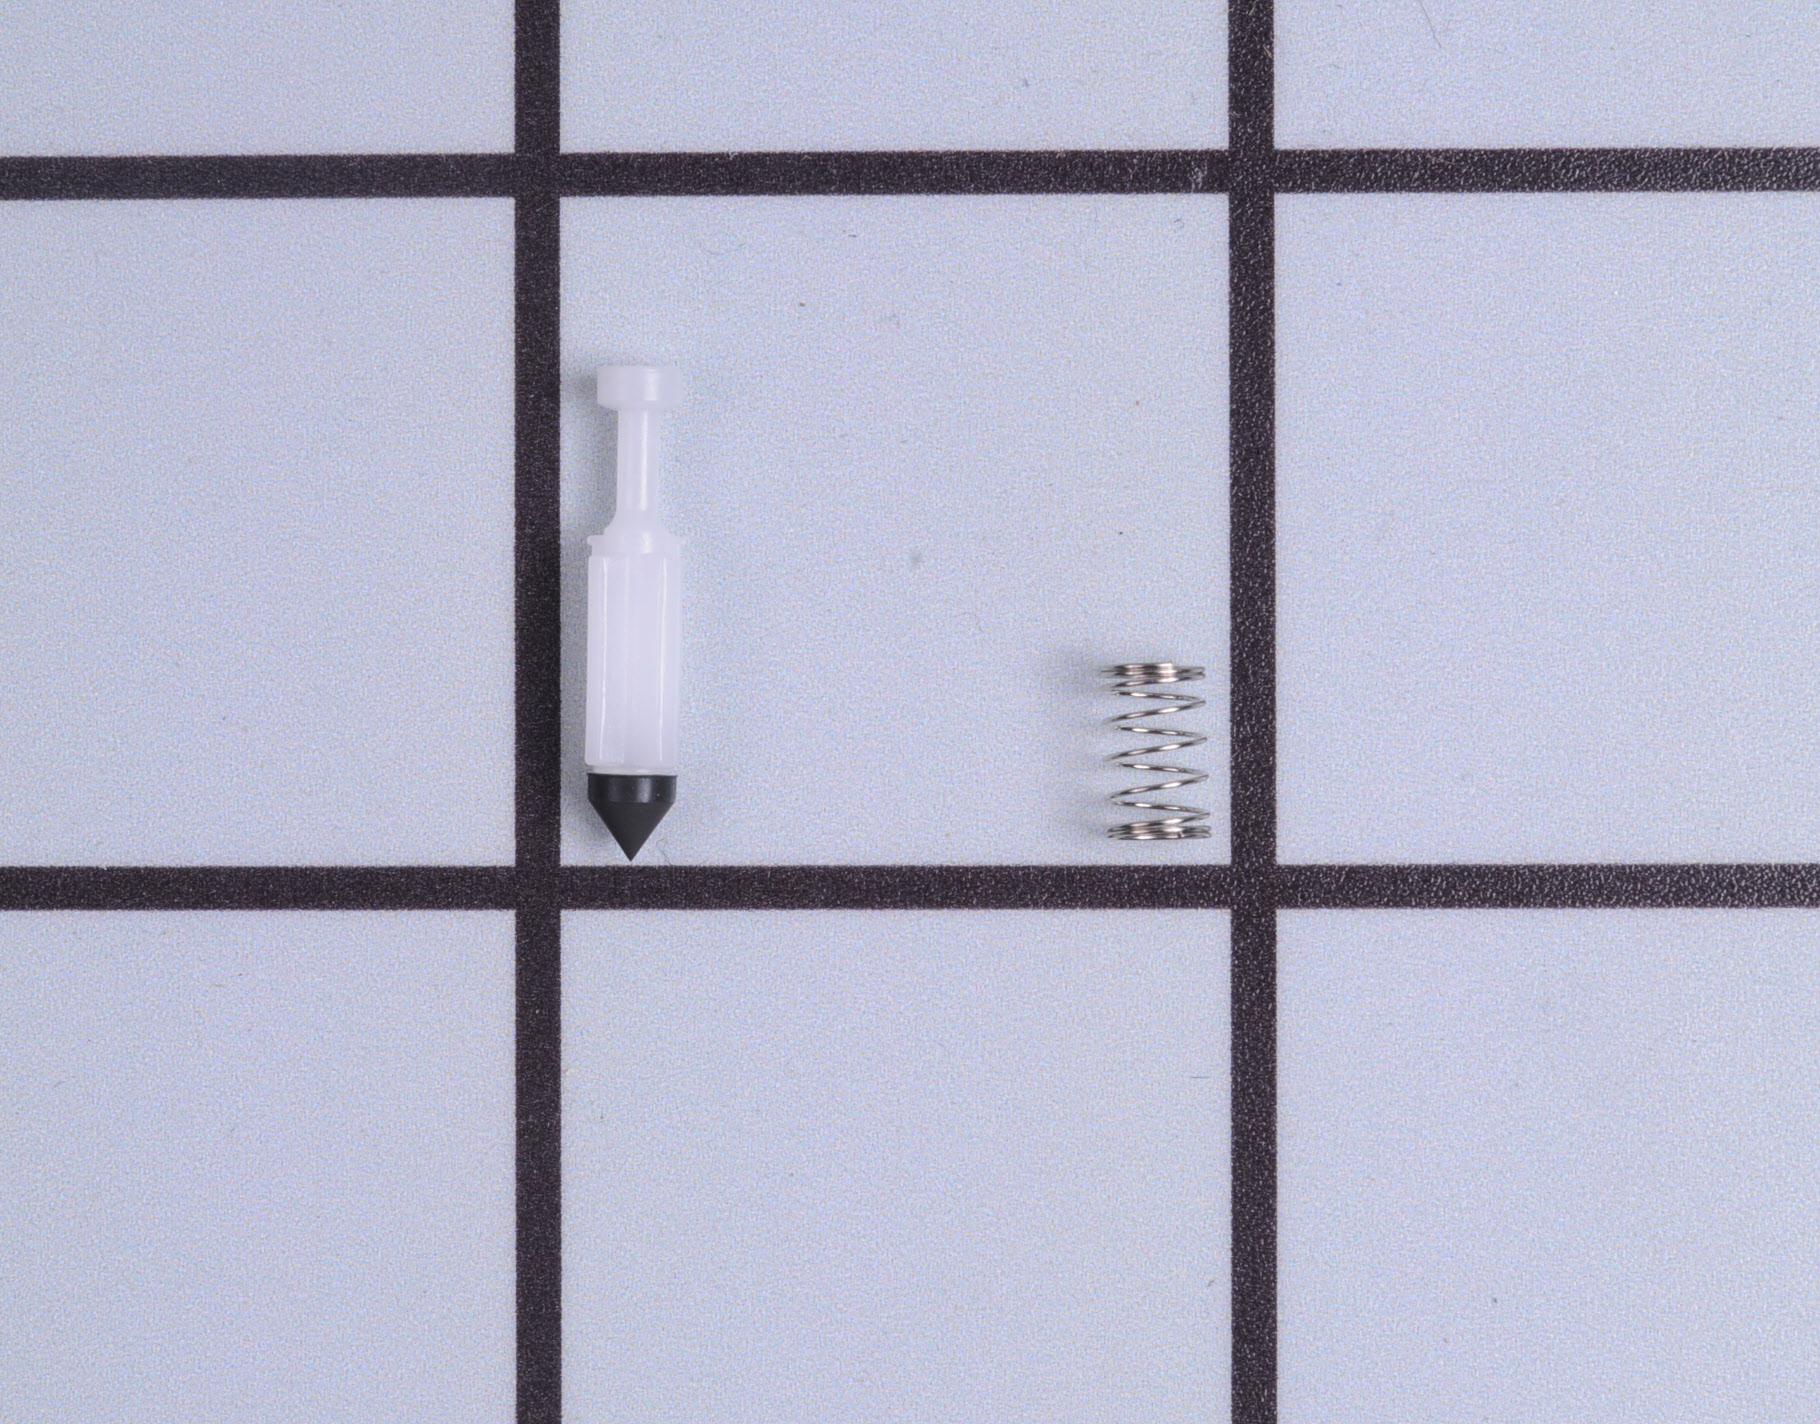 16011-ZE0-005 Honda Small Engine Part -Float Needle